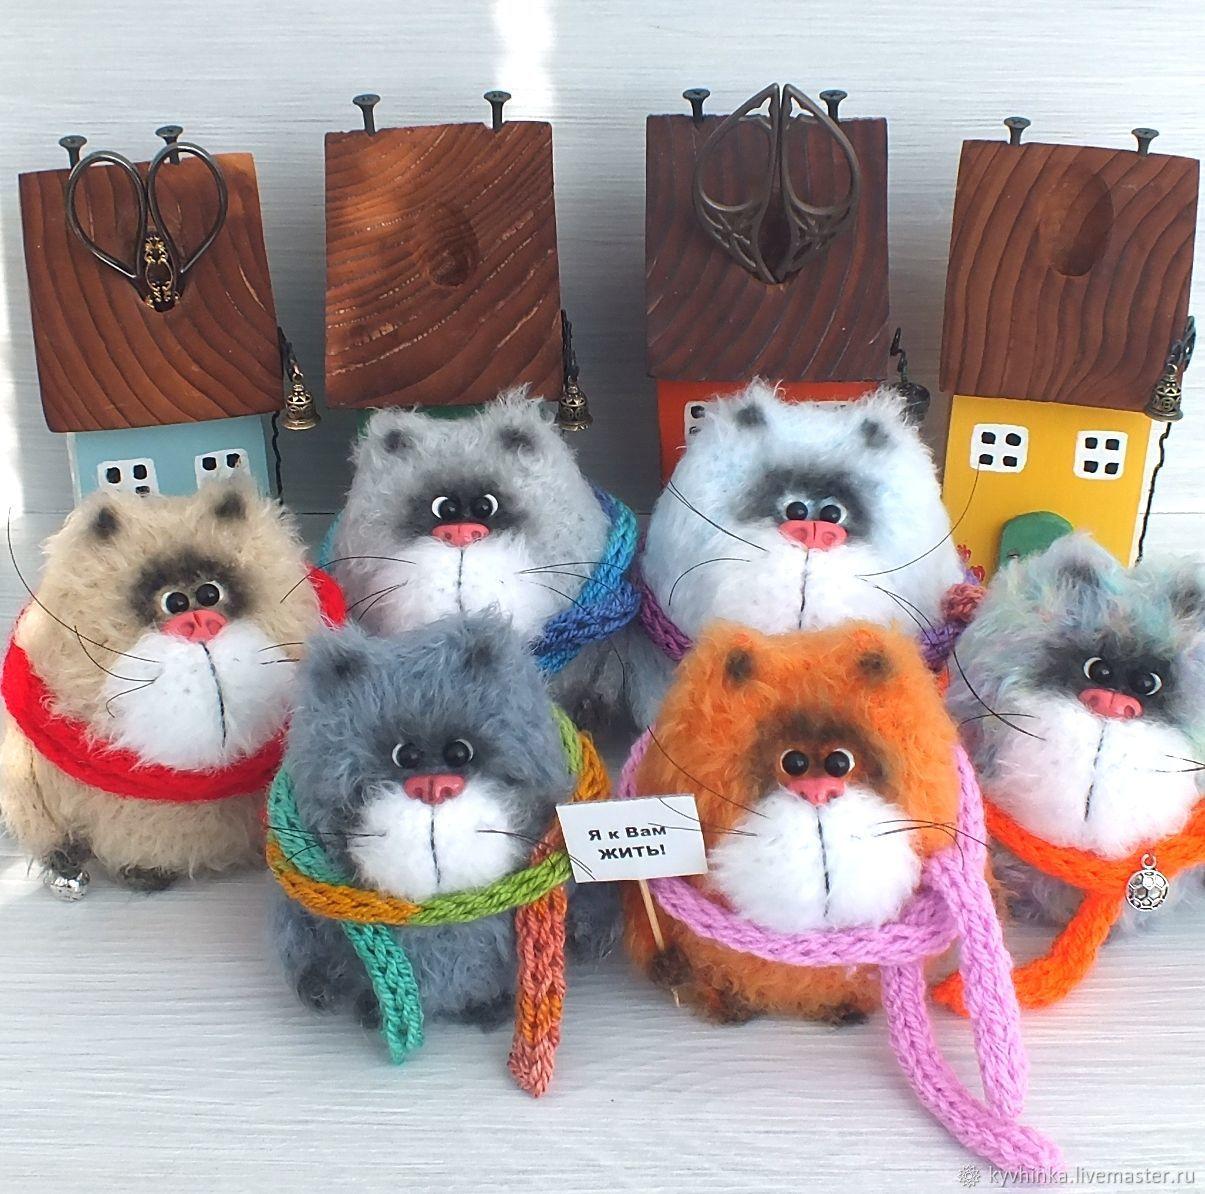 Котик на ладошке (кот, вязаный кот, подарок), Мягкие игрушки, Волгоград,  Фото №1